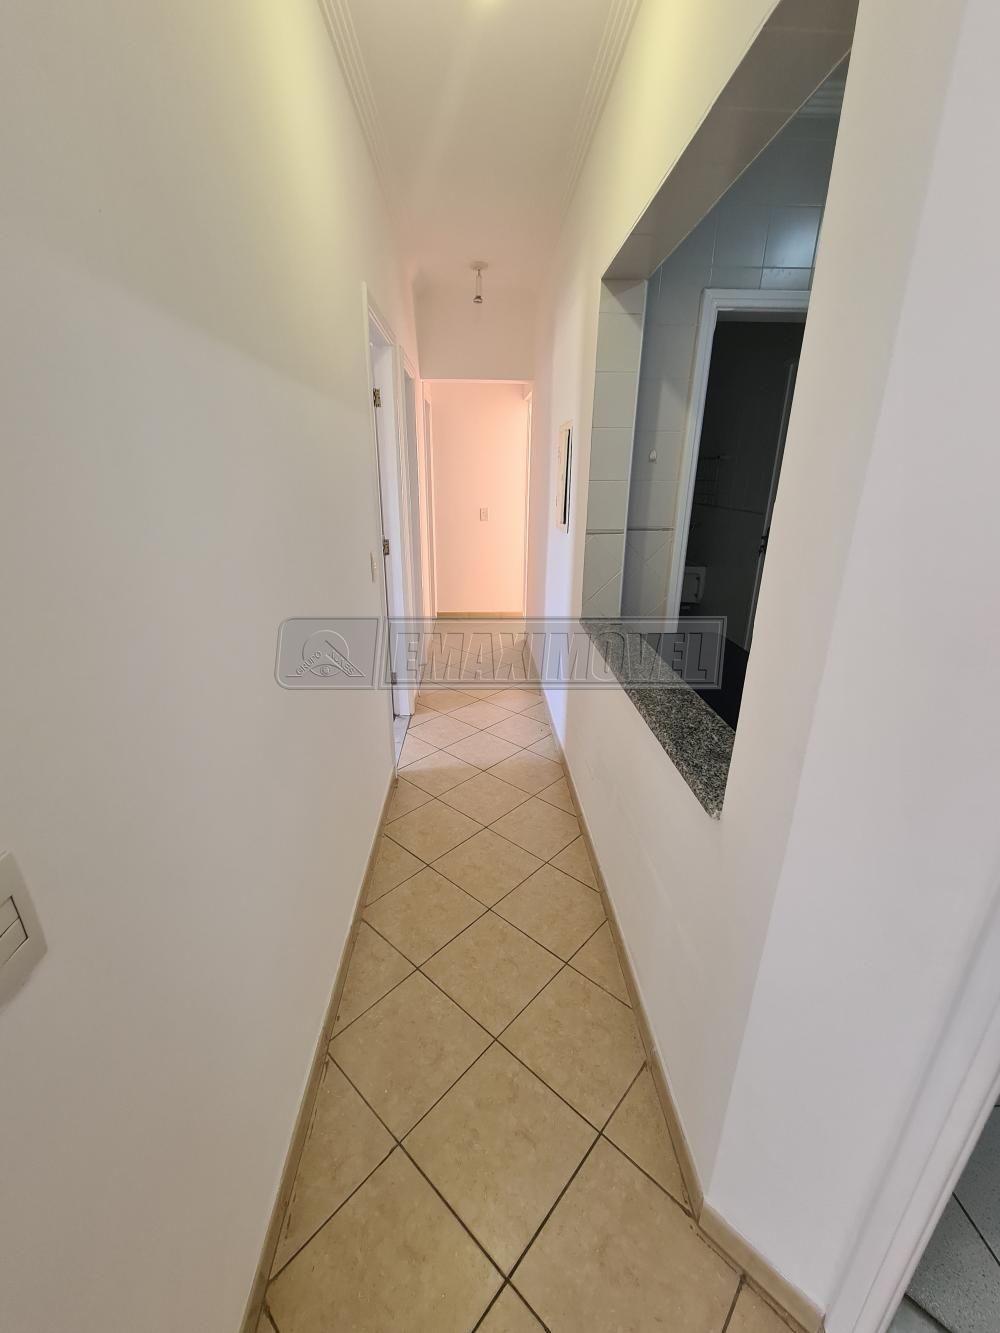 Alugar Apartamentos / Apto Padrão em Sorocaba R$ 950,00 - Foto 4